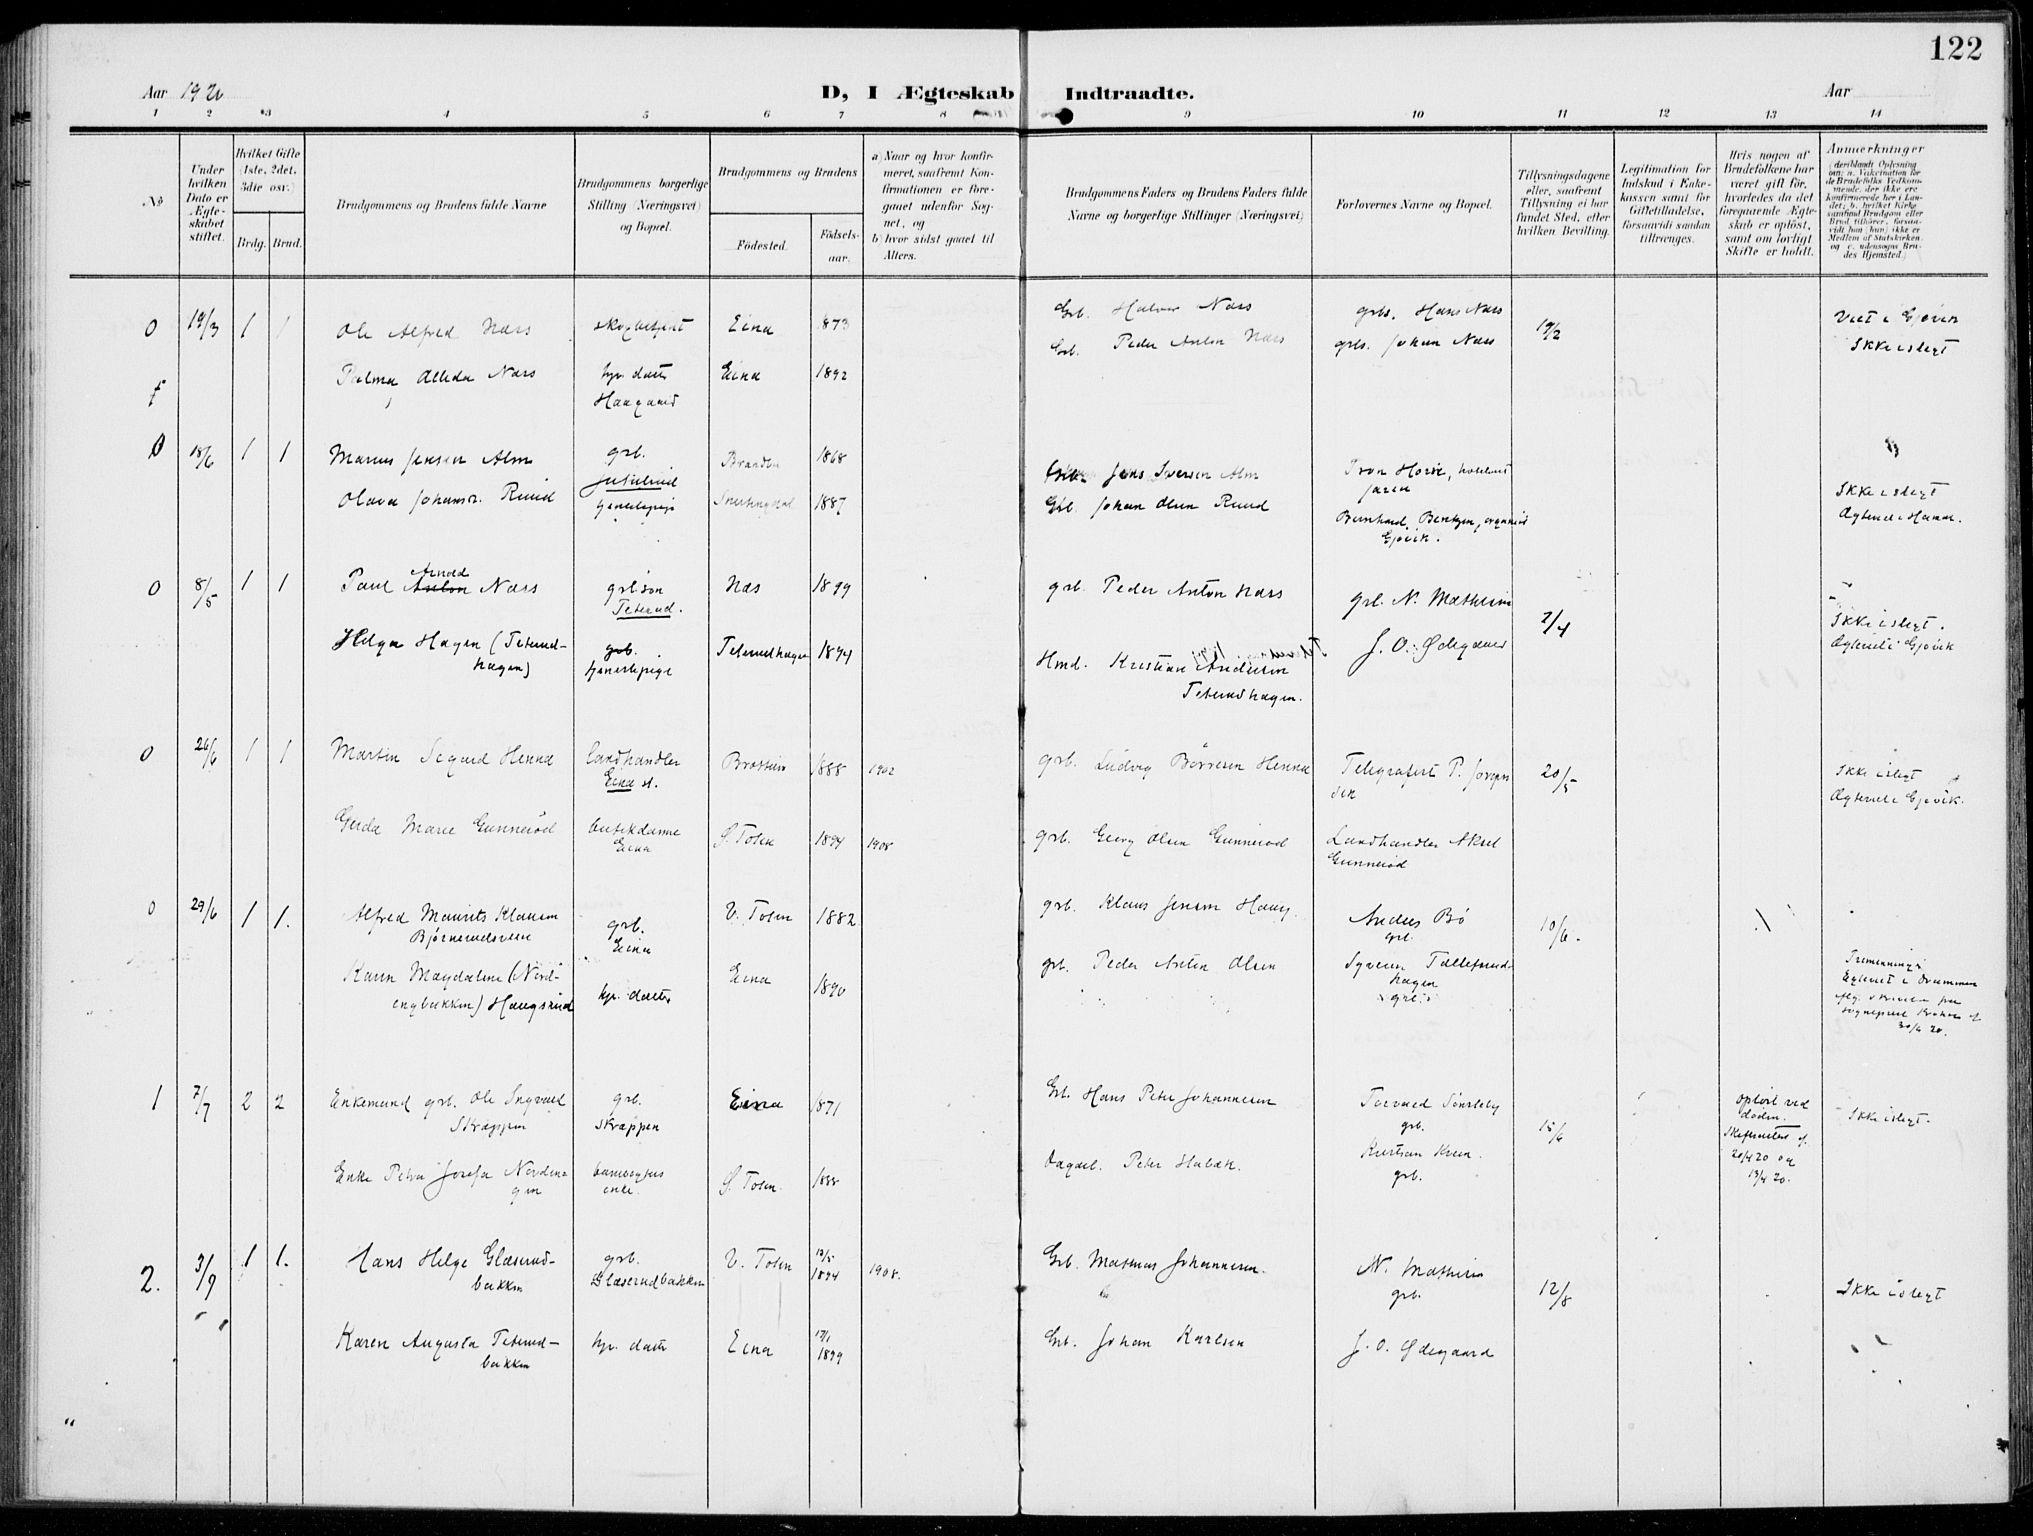 SAH, Kolbu prestekontor, Ministerialbok nr. 1, 1907-1923, s. 122